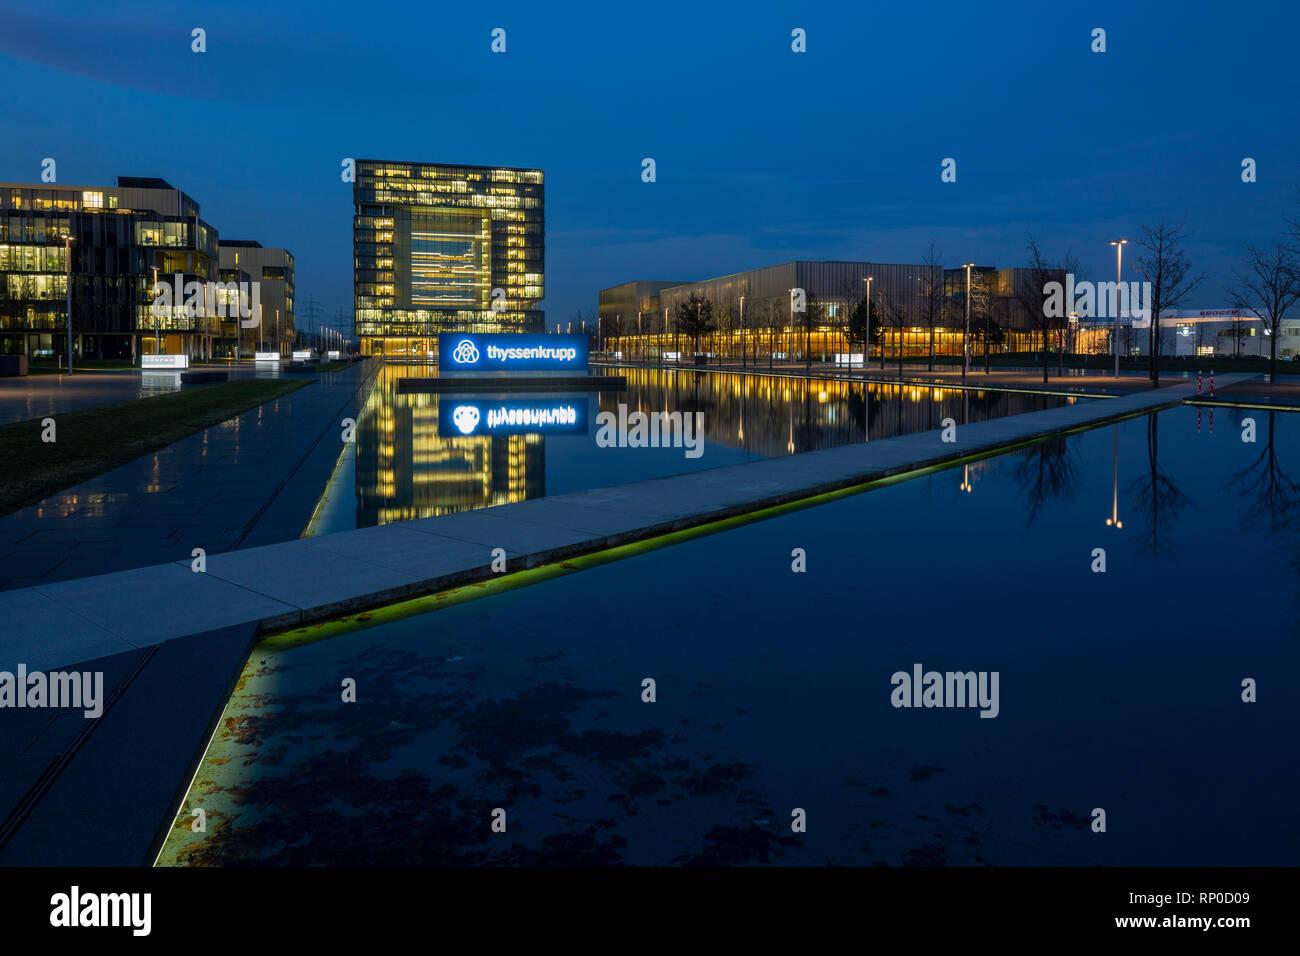 D-Essen, Ruhr area, Rhineland, North Rhine-Westphalia, NRW